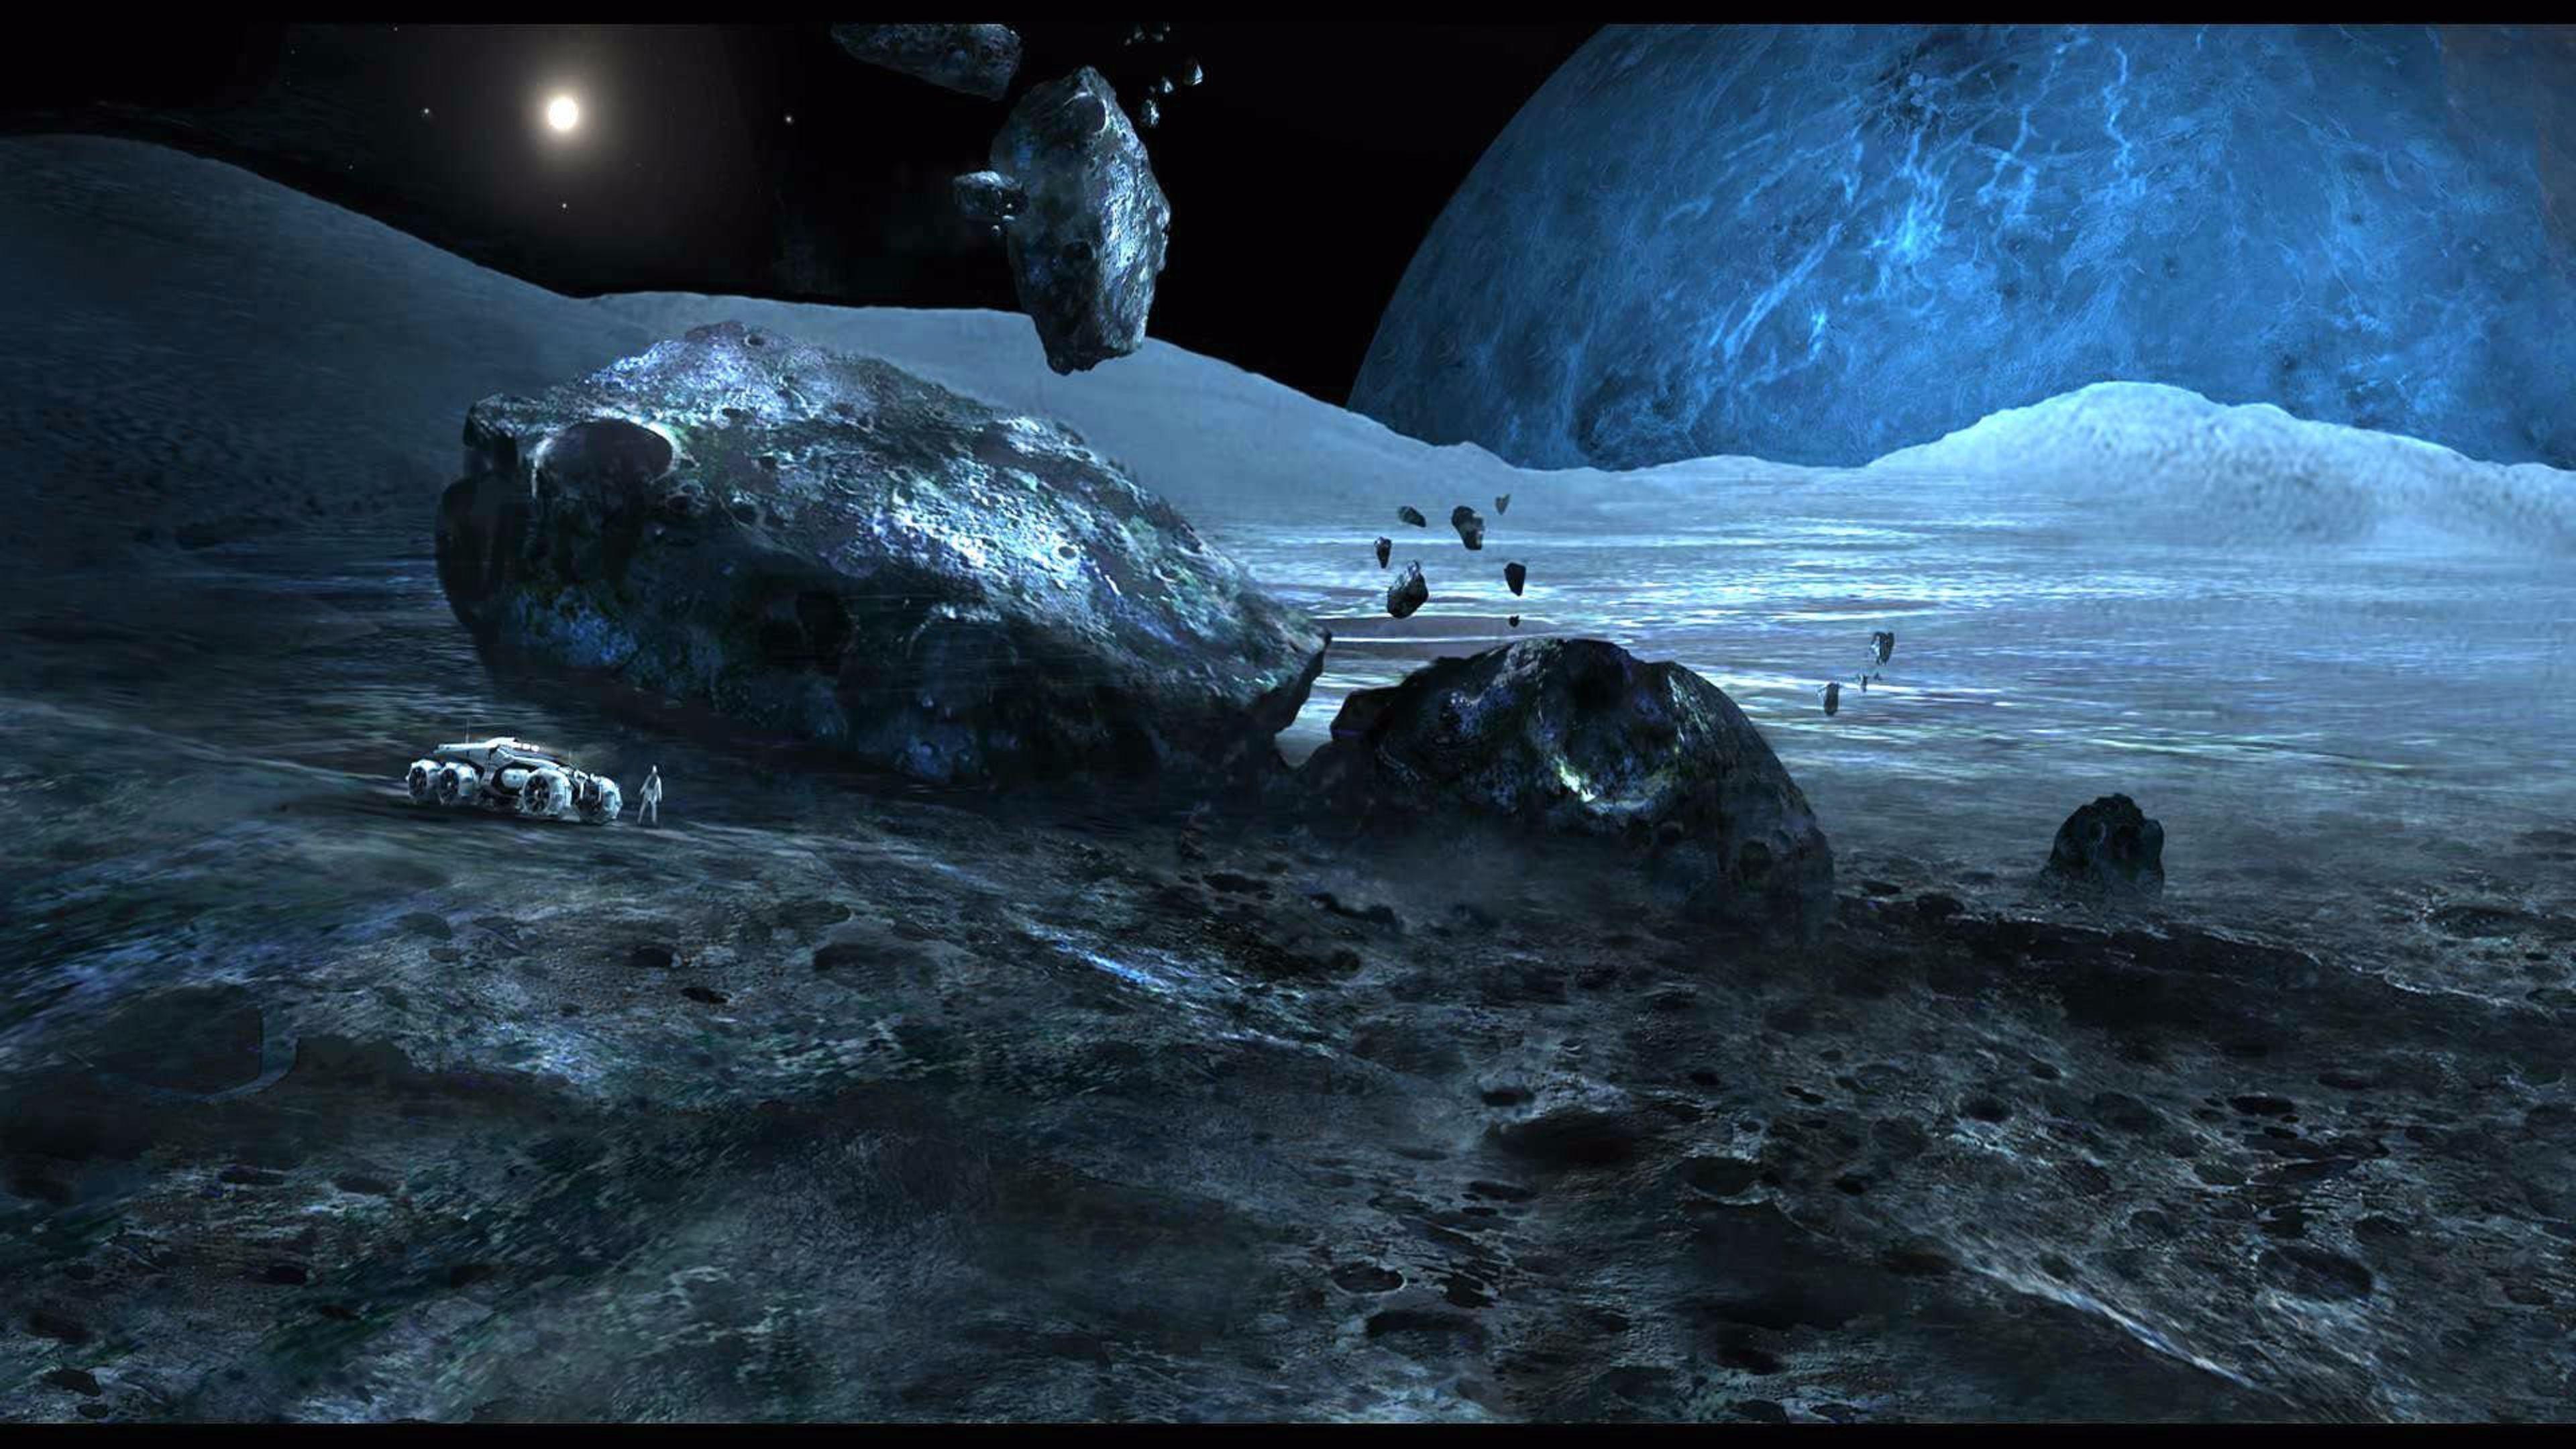 Hình nền 4K hiệu ứng đồ họa tốt nhất 3840x2160 Andromeda.  Hình nền 4K miễn phí